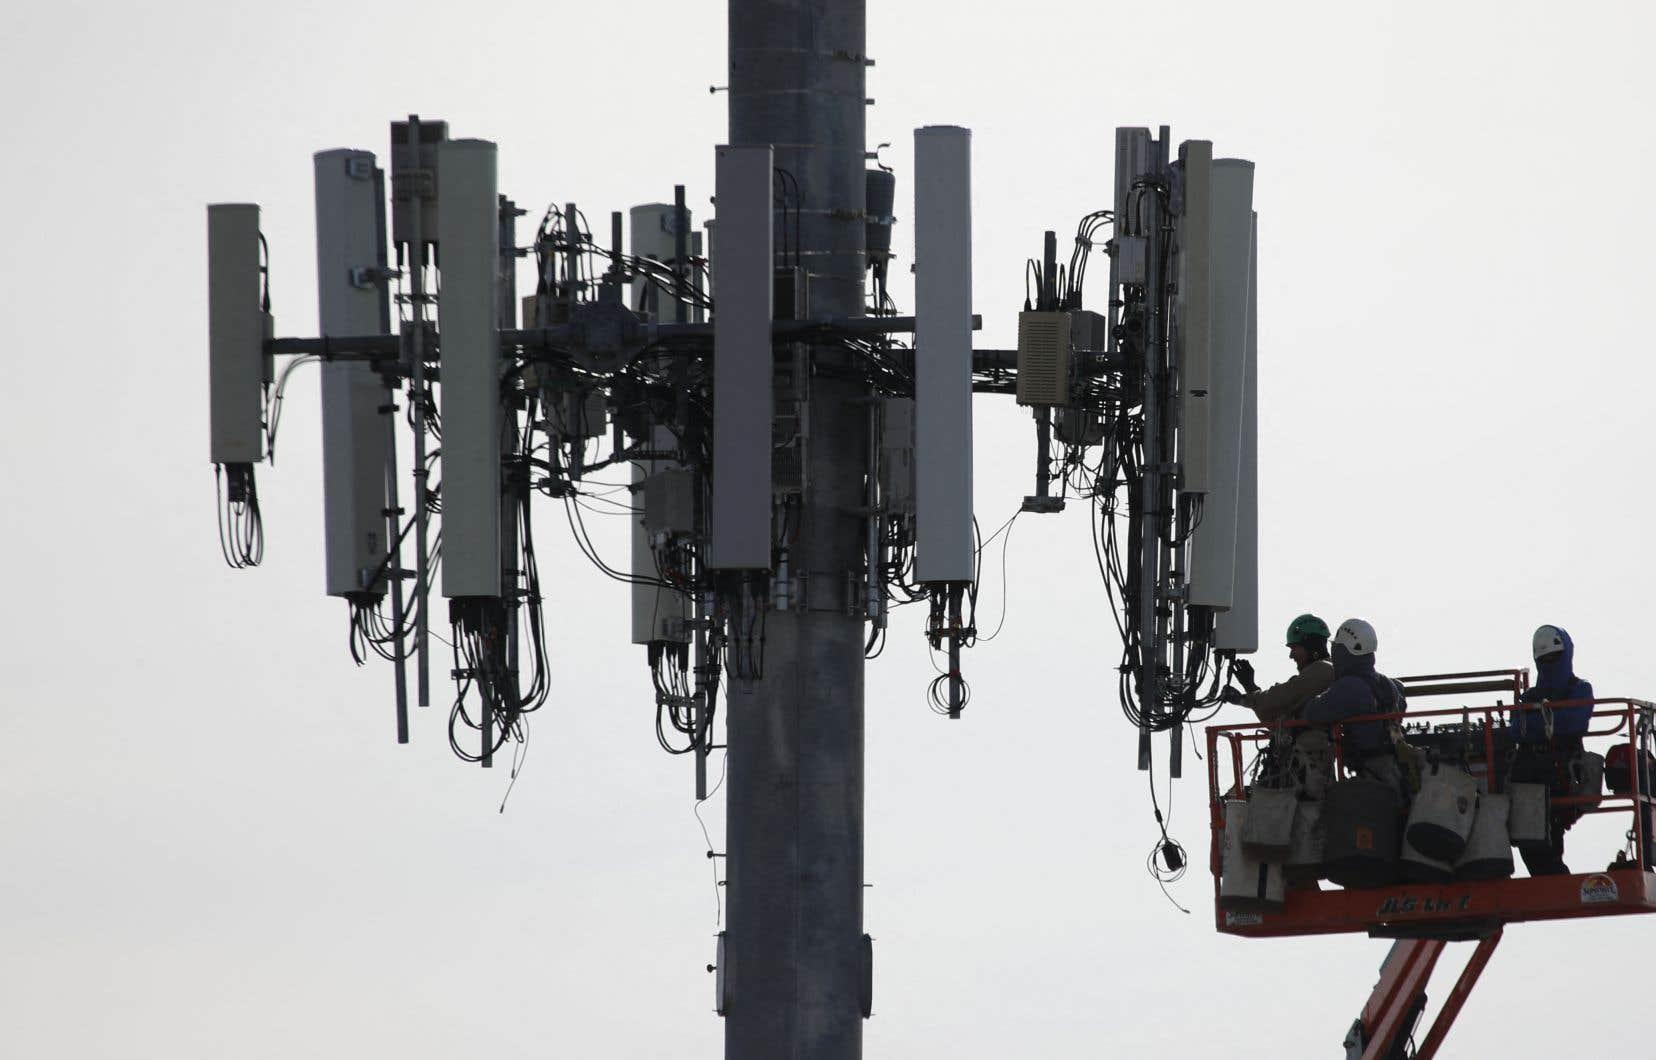 Les fournisseurs canadiens de services sans fil déjà établis ont tous fait valoir ces derniers mois la somme colossale qu'il leur faudra investir pour bâtir leurs futurs réseaux numériques.